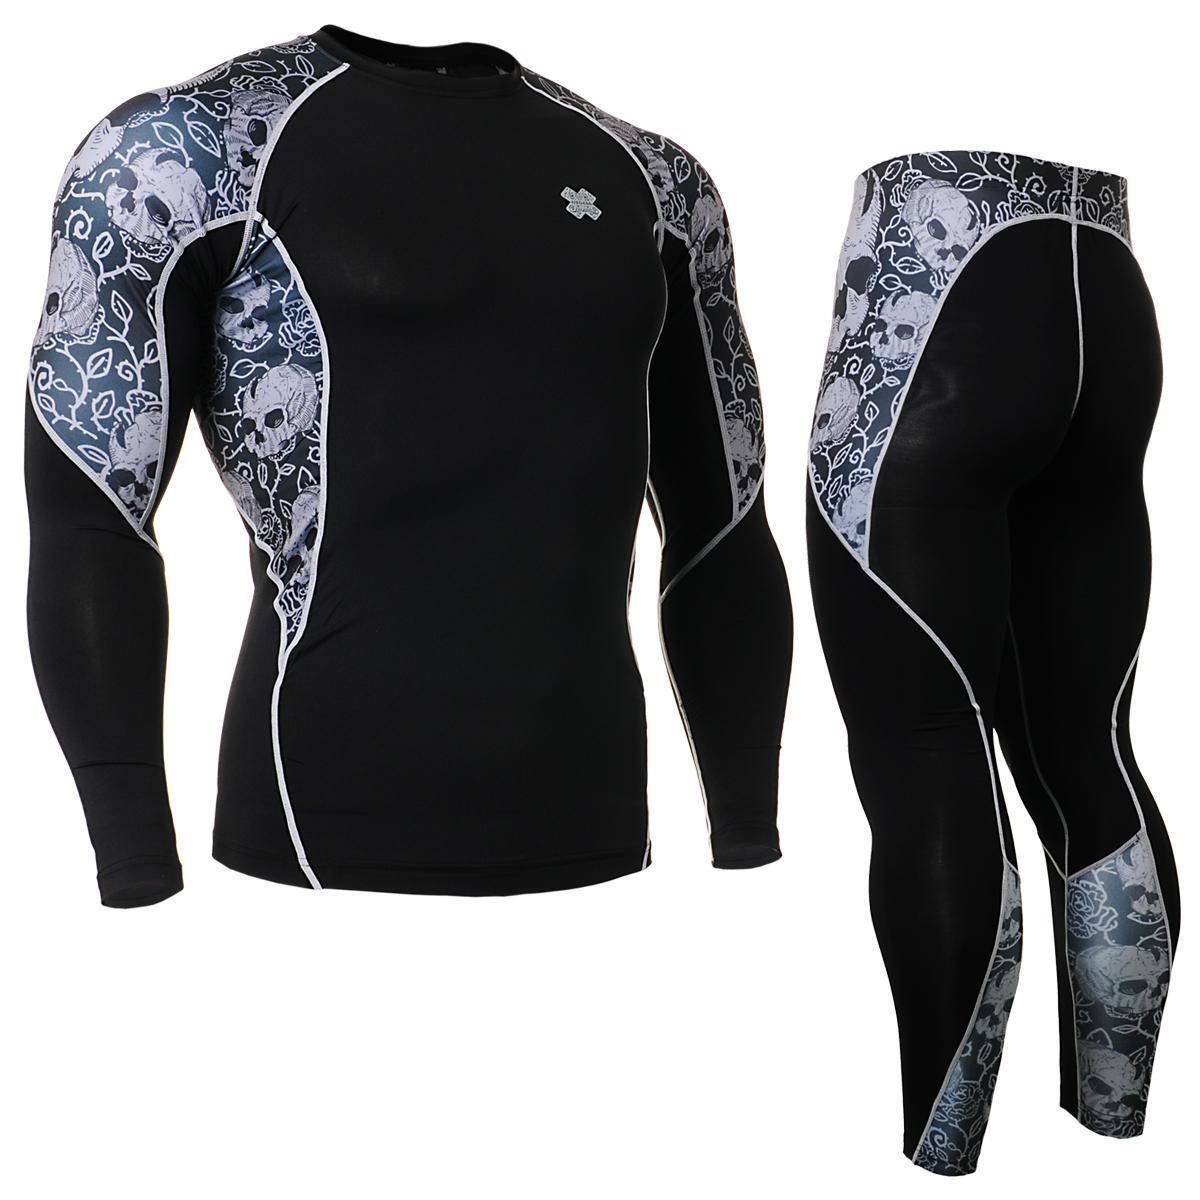 FIXGEAR C2L P2L-B40 Compression Shirts & Pants Set Sportswear MMA Training Gym